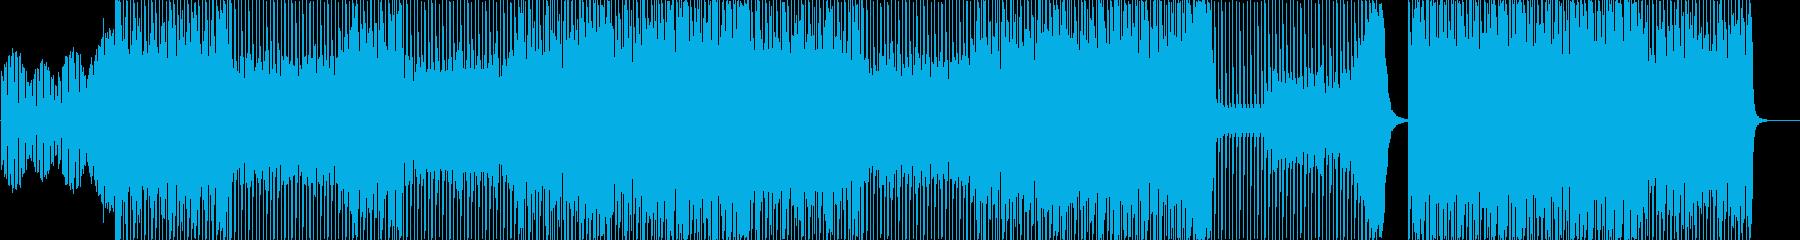 ダンス/懐かしさ/オケヒット/ディスコの再生済みの波形